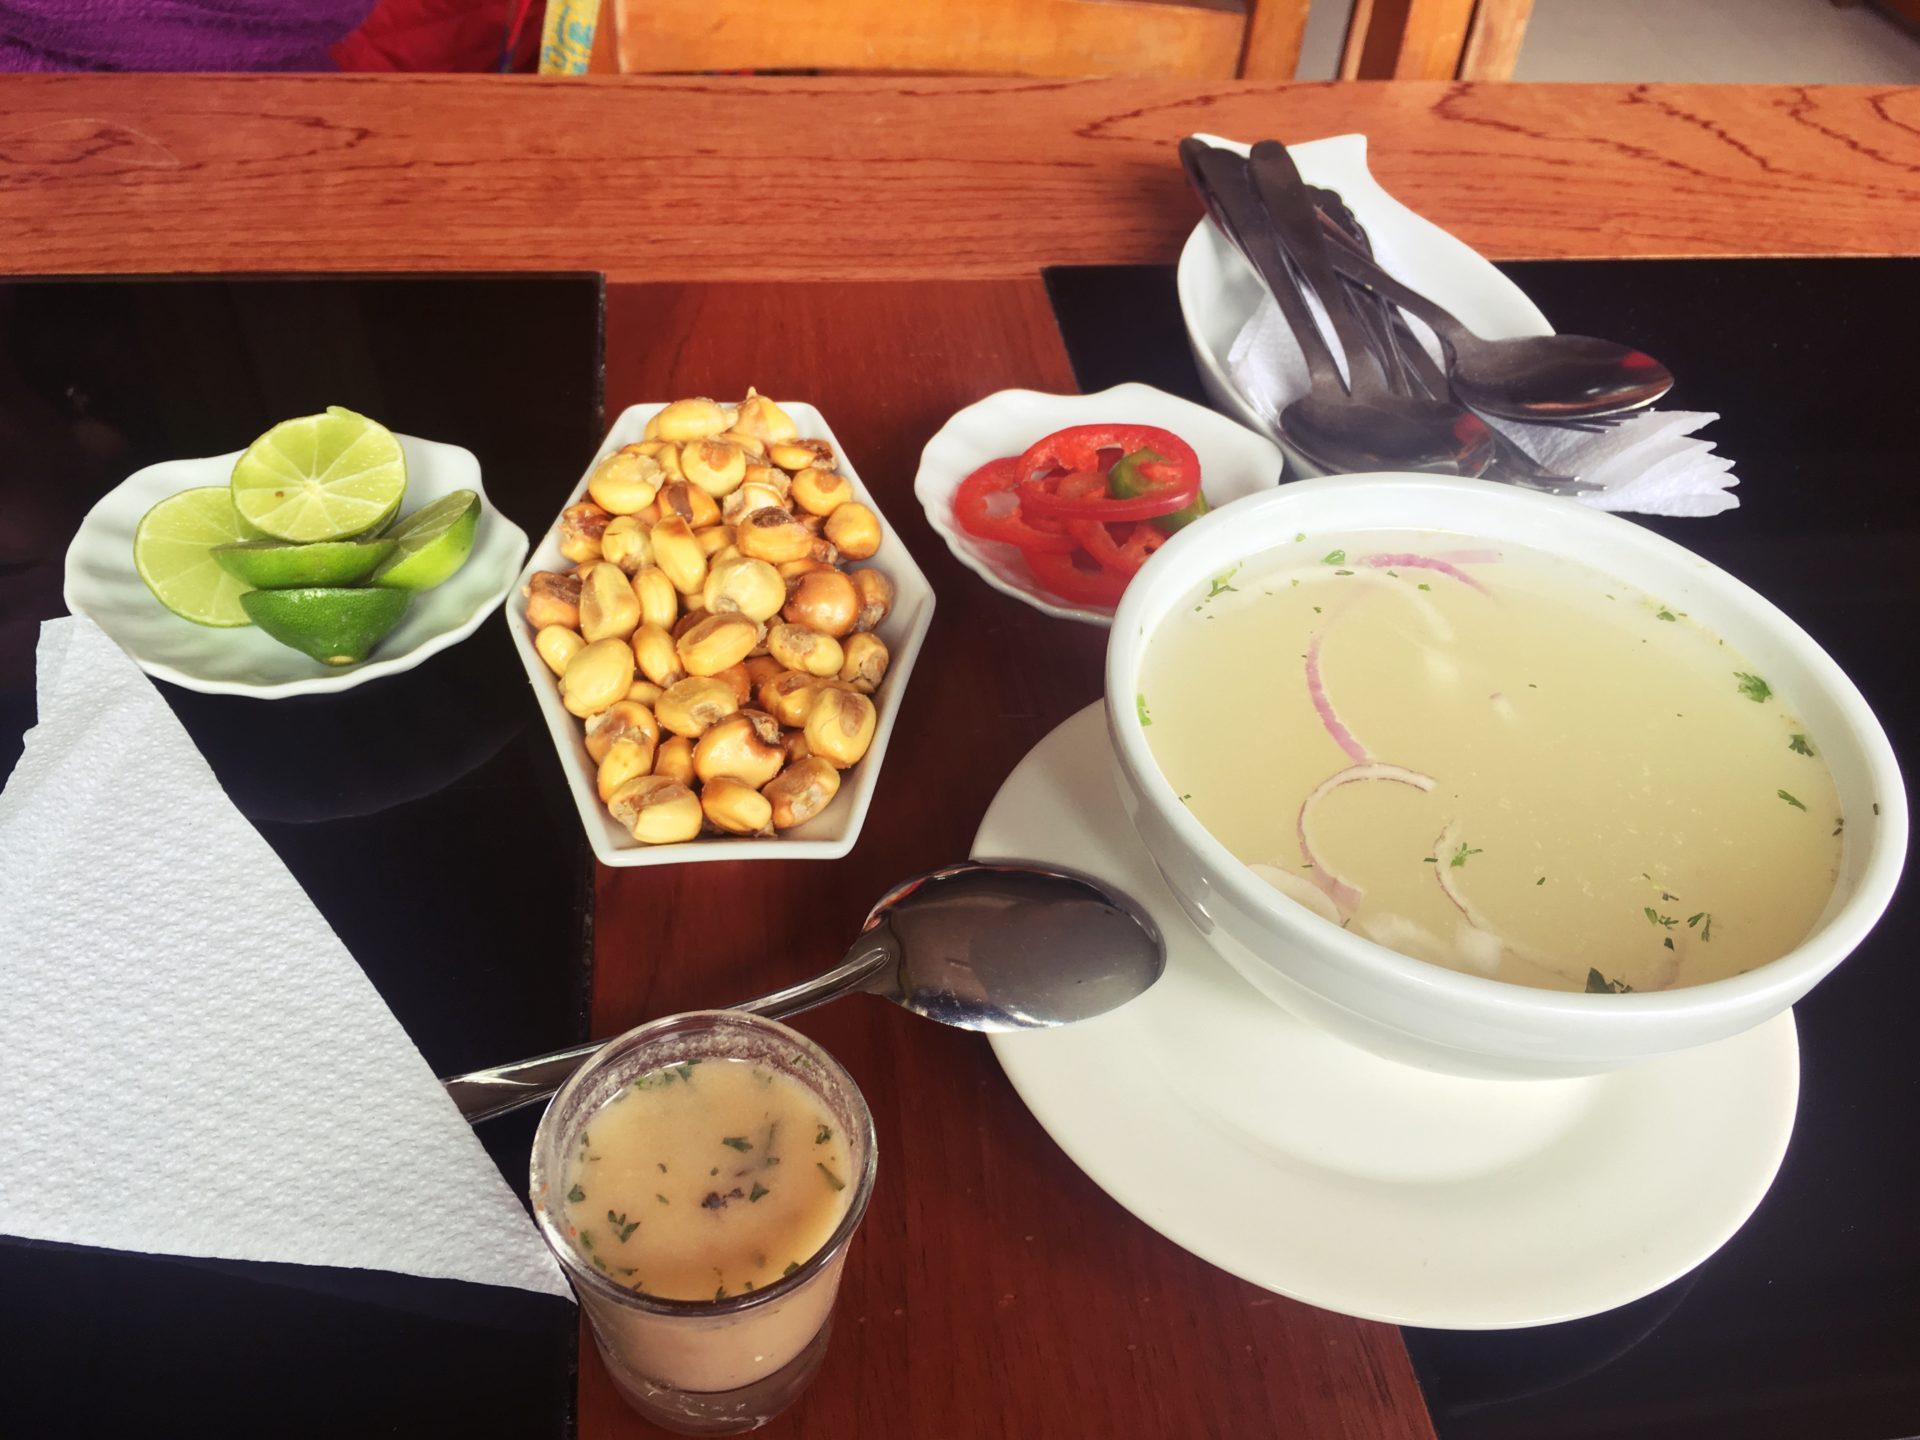 ペルー, クスコ, おいしい, 地元, 人気, セビーチェ, レストラン